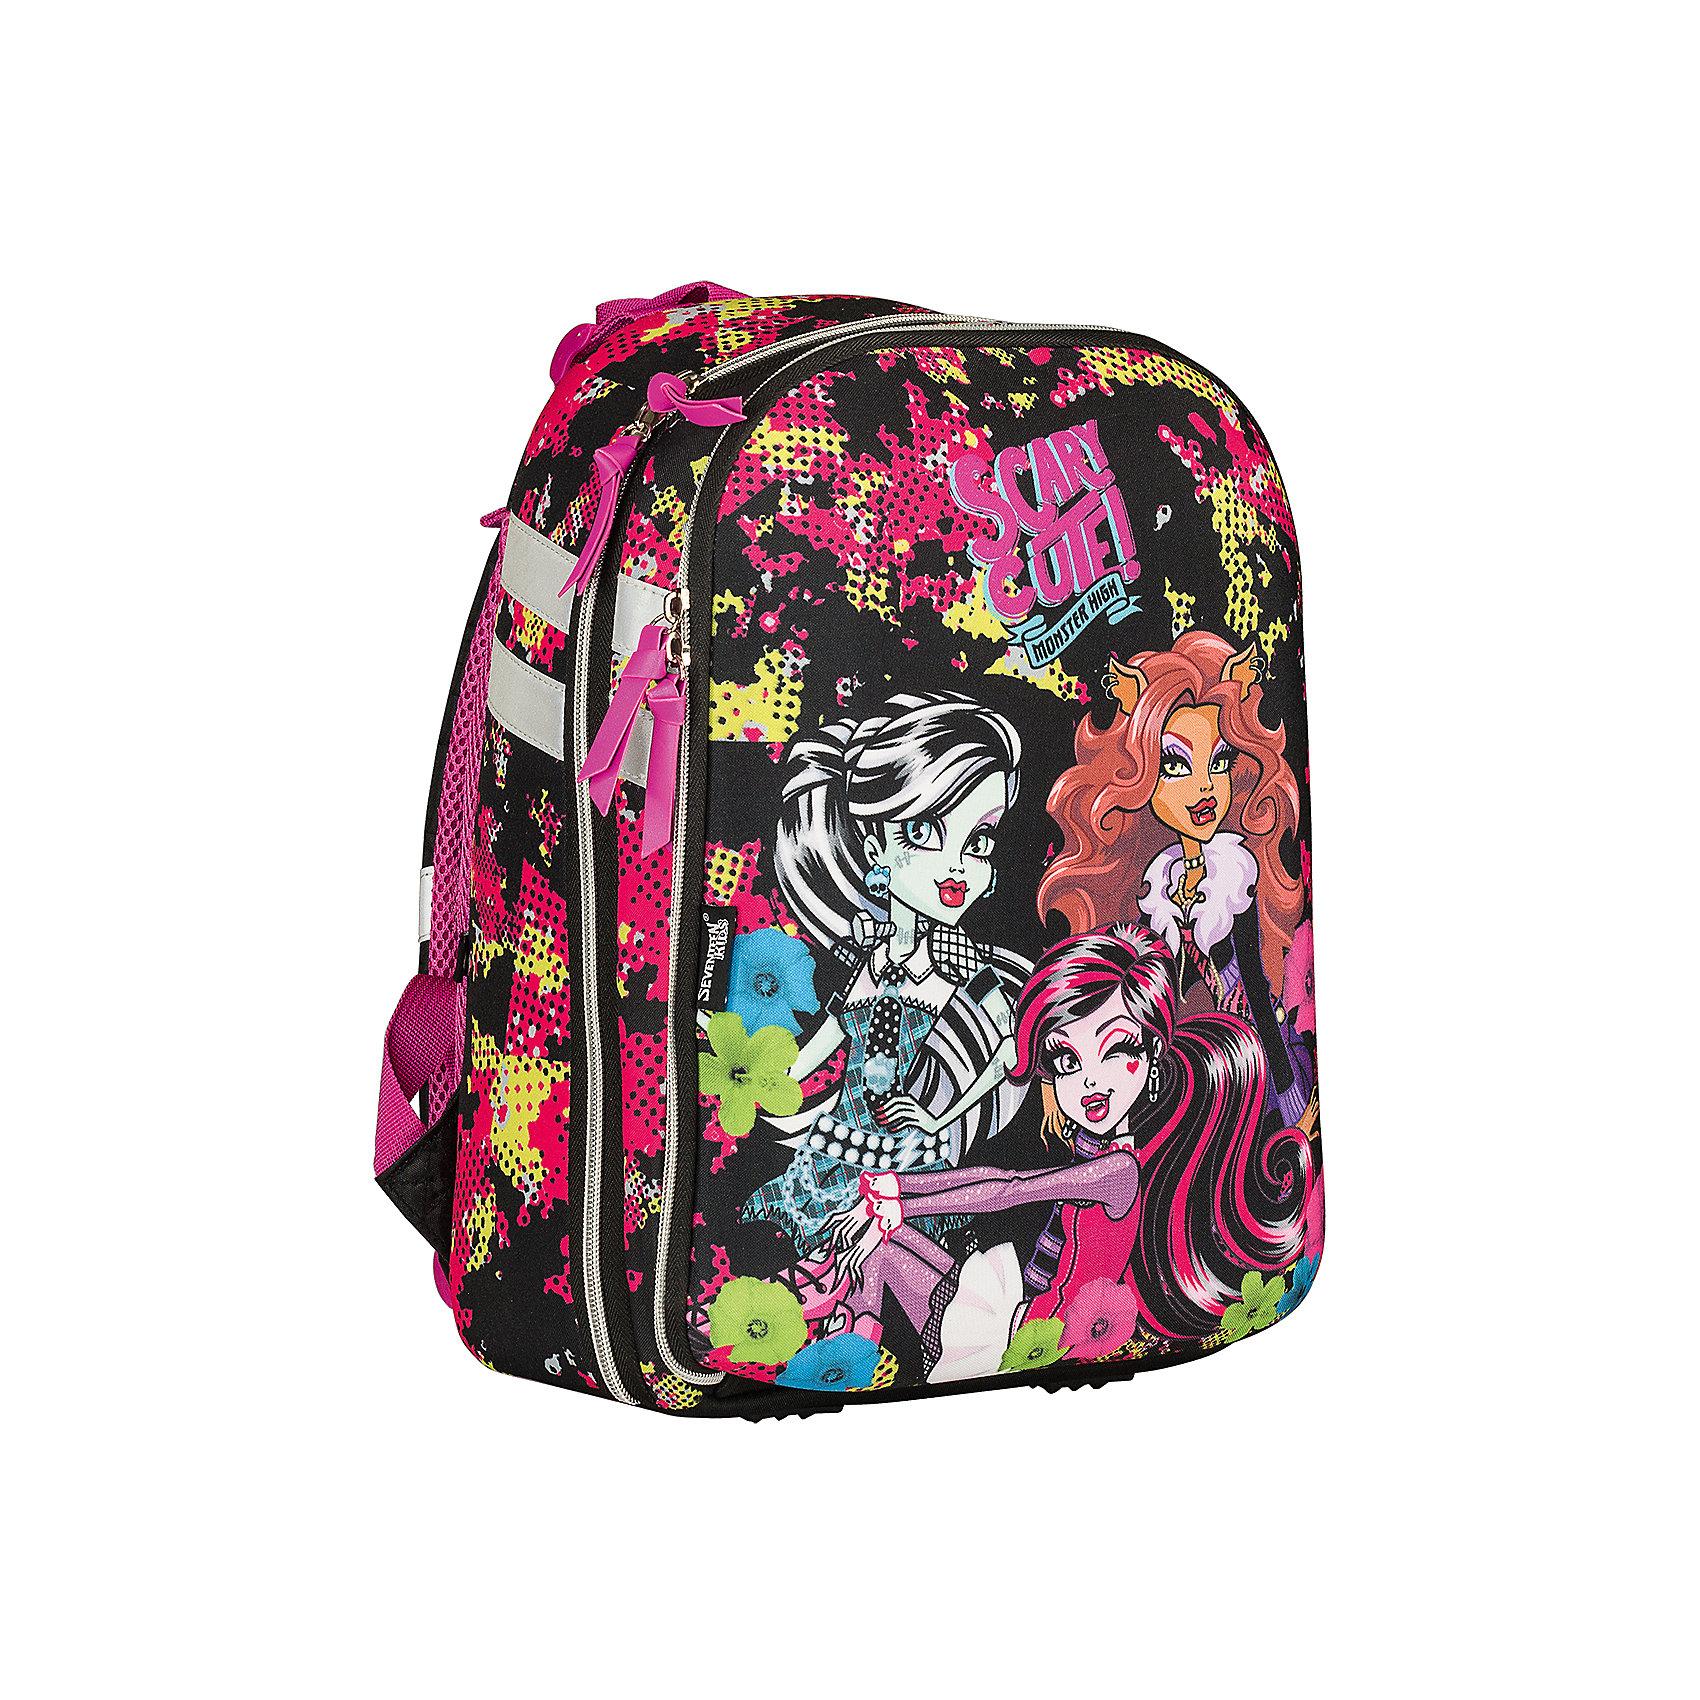 Школьный рюкзак, Monster HighMonster High<br>Рюкзак, Monster High - прекрасный вариант для школьных занятий. Рюкзак выполнен из прочного полиэстера и имеет привлекательный для девочек дизайн по мотивам популярного мультсериала Школа монстров. Корпус рюкзака изготовлен из современного материала EVA.<br>Эргономичная спинка выполнена в виде накладок анатомической формы из нескольких слоев вспененных синтетических материалов и обтянута воздухообменной сеткой. Широкие мягкие лямки, регулируемые по длине, равномерно распределяют нагрузку на плечевой пояс. Также есть<br>удобная текстильная ручка для переноски в руках. <br><br>Рюкзак имеет два отделения на молнии. Внутри основного отделения - секция для ноутбука или планшета и разделитель для книг и тетрадей, внутри второго отделения - открытый карман и карман для мобильного телефона, а также сетчатый карман. Светоотражающие элементы<br>повышают безопасность ребенка на дороге.<br><br><br>Дополнительная информация:<br><br>- Материал: полиэстер. <br>- Размер: 38 х 28 х 10 см.<br>- Вес: 0,78 кг.<br><br>Рюкзак, Monster High, можно купить в нашем интернет-магазине.<br><br>Ширина мм: 280<br>Глубина мм: 100<br>Высота мм: 380<br>Вес г: 780<br>Возраст от месяцев: 120<br>Возраст до месяцев: 144<br>Пол: Женский<br>Возраст: Детский<br>SKU: 4681157